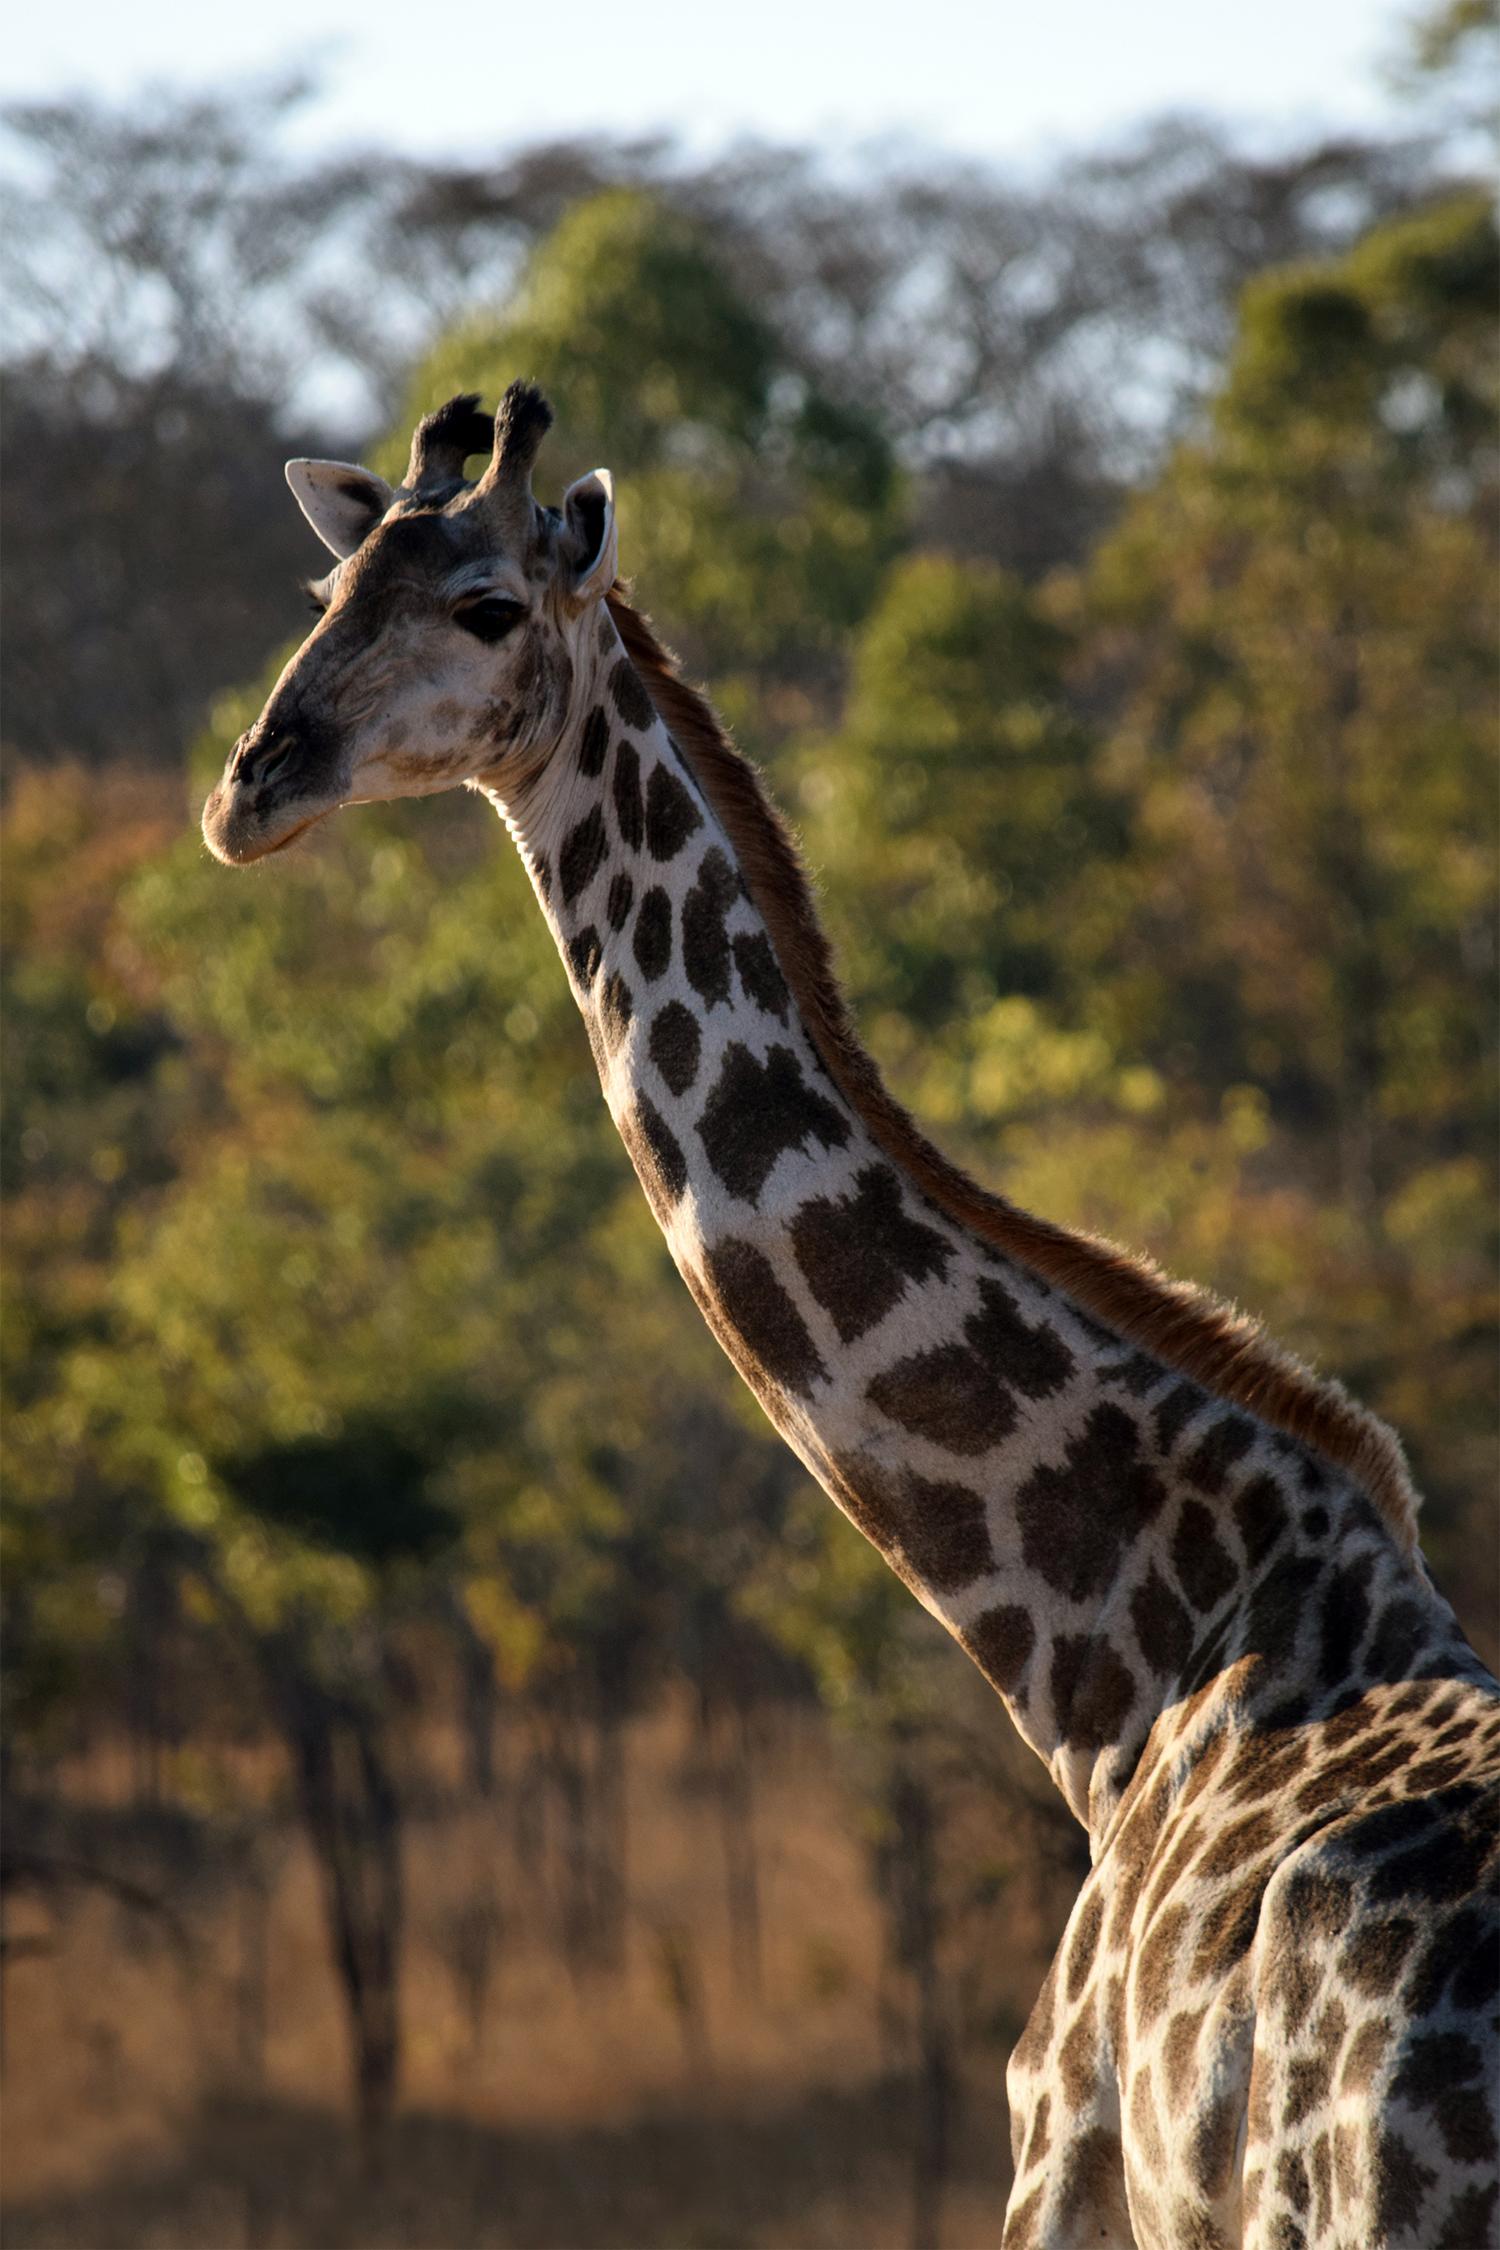 poppy_rampling_Giraffe 3_small.jpg